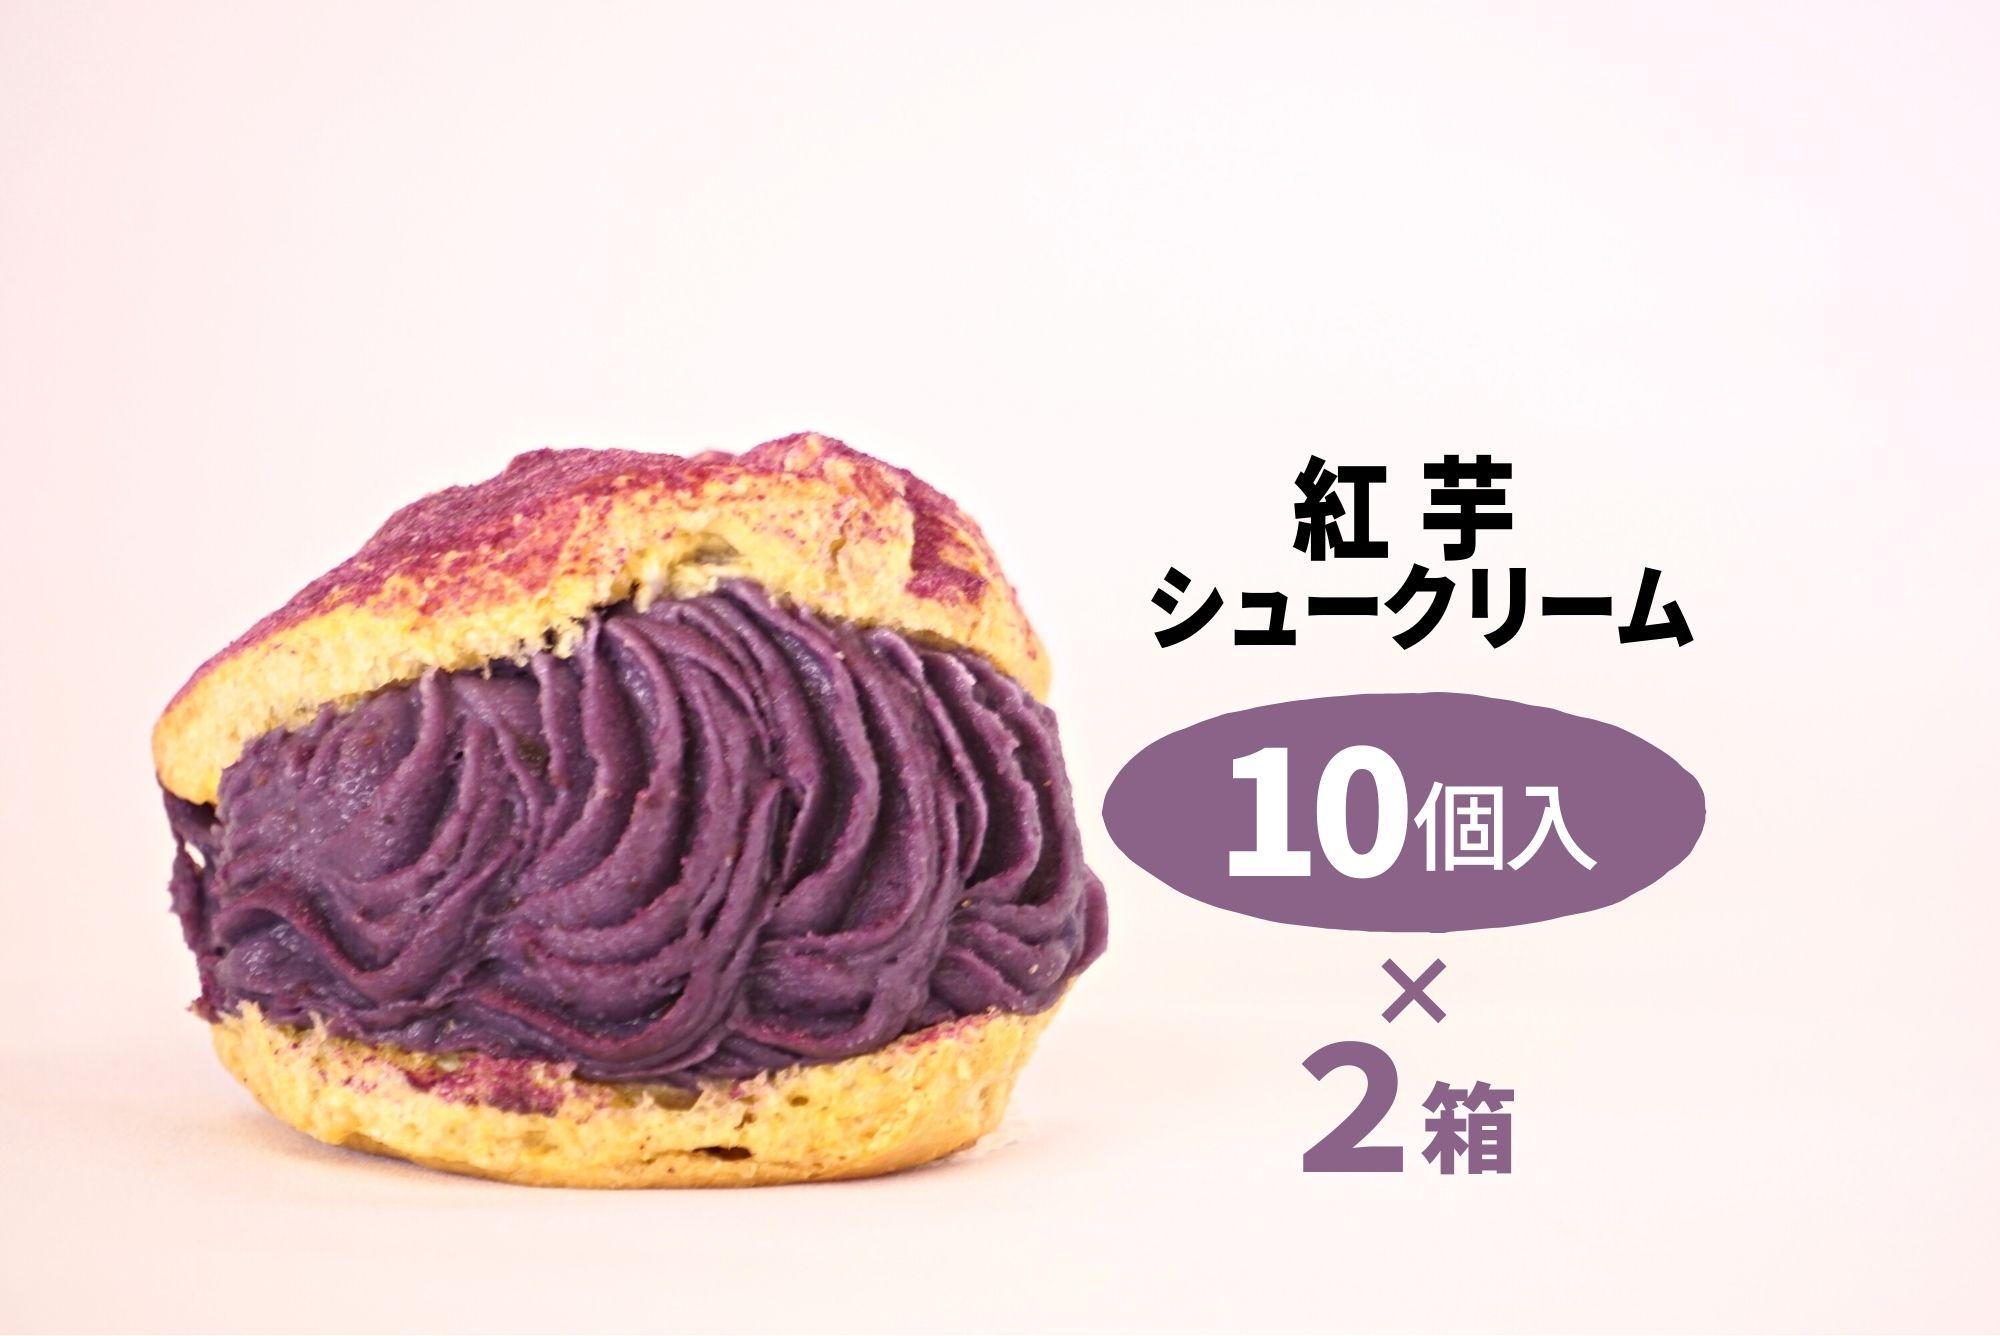 YUNAMI FACTORYオリジナル 冷凍 紅芋シュークリーム 10コ入りx2